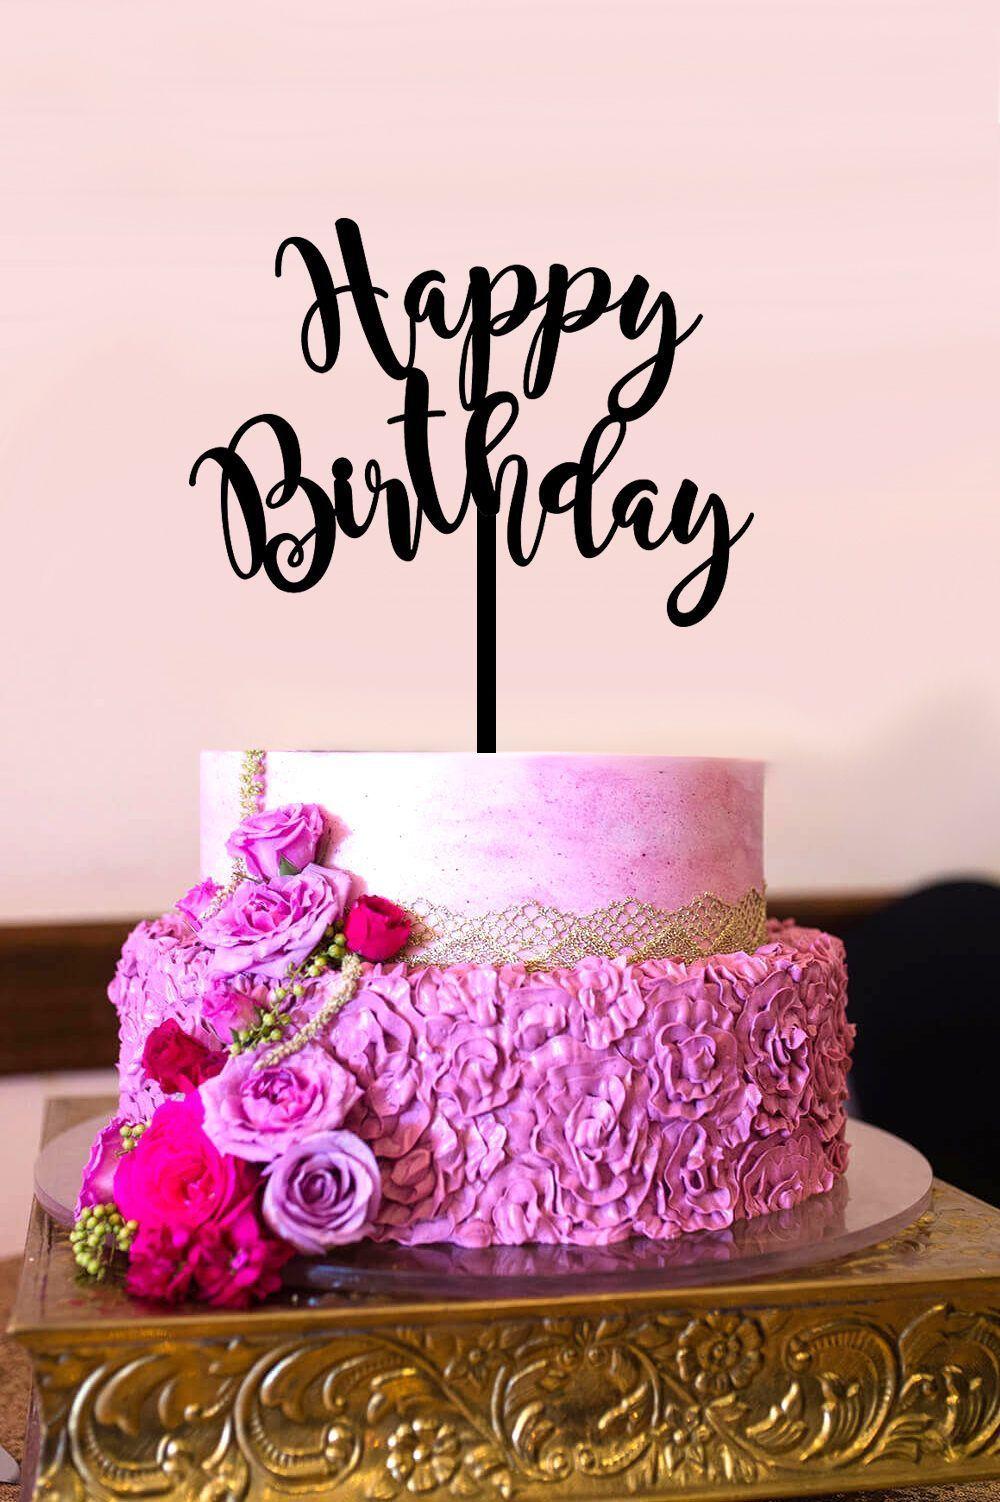 Birthday Cake Topper Happy Birthday Cake Topper Birthdaycaketopper Happybirthdayq Happy Birthday Cake Images Happy Birthday Cakes Happy Birthday Wishes Cake